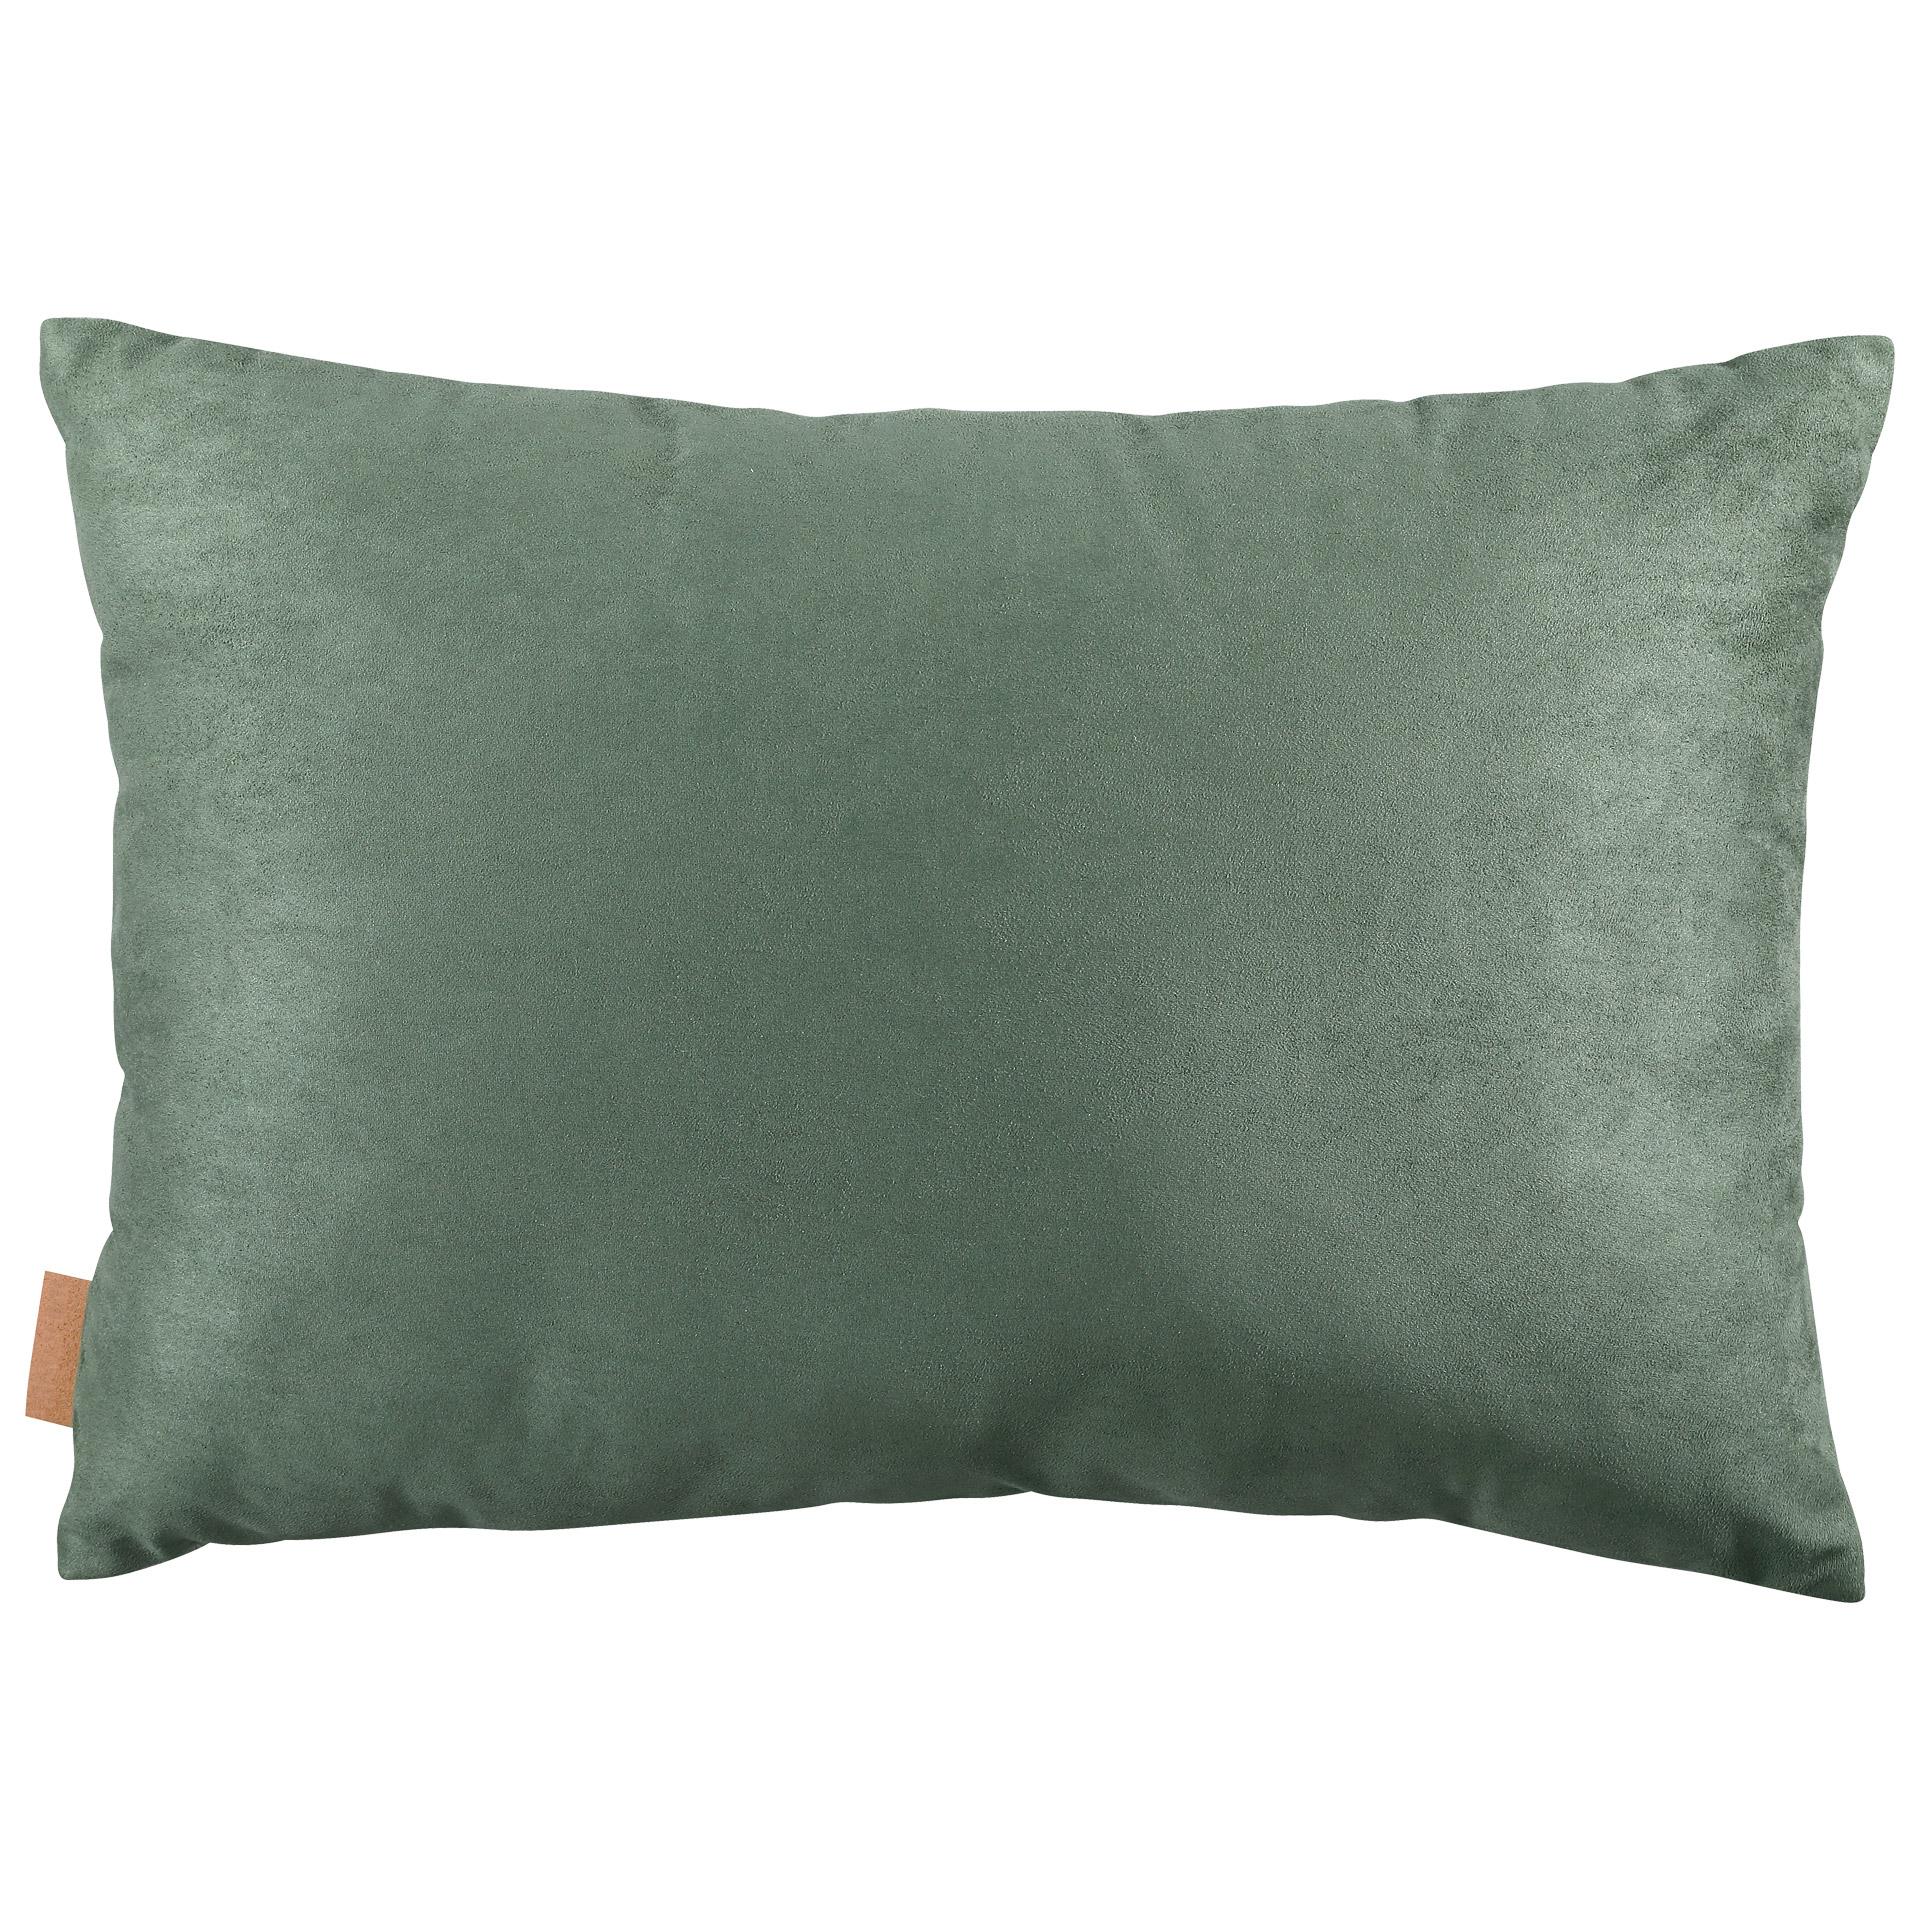 Zierkissen Melange (35x50, grün)